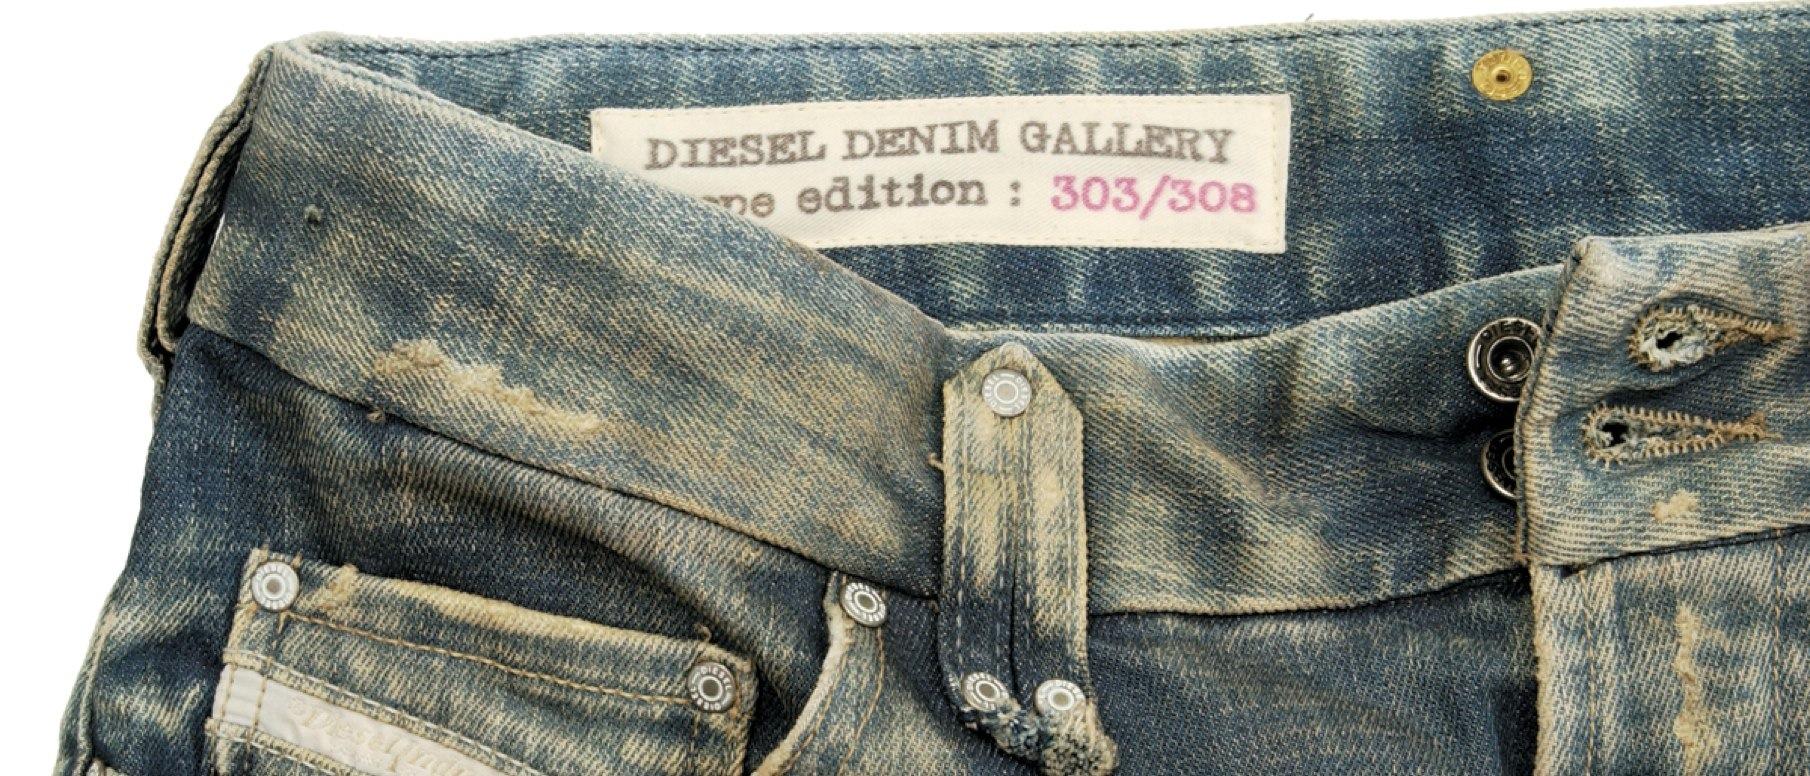 diesel-jeans-1810x776